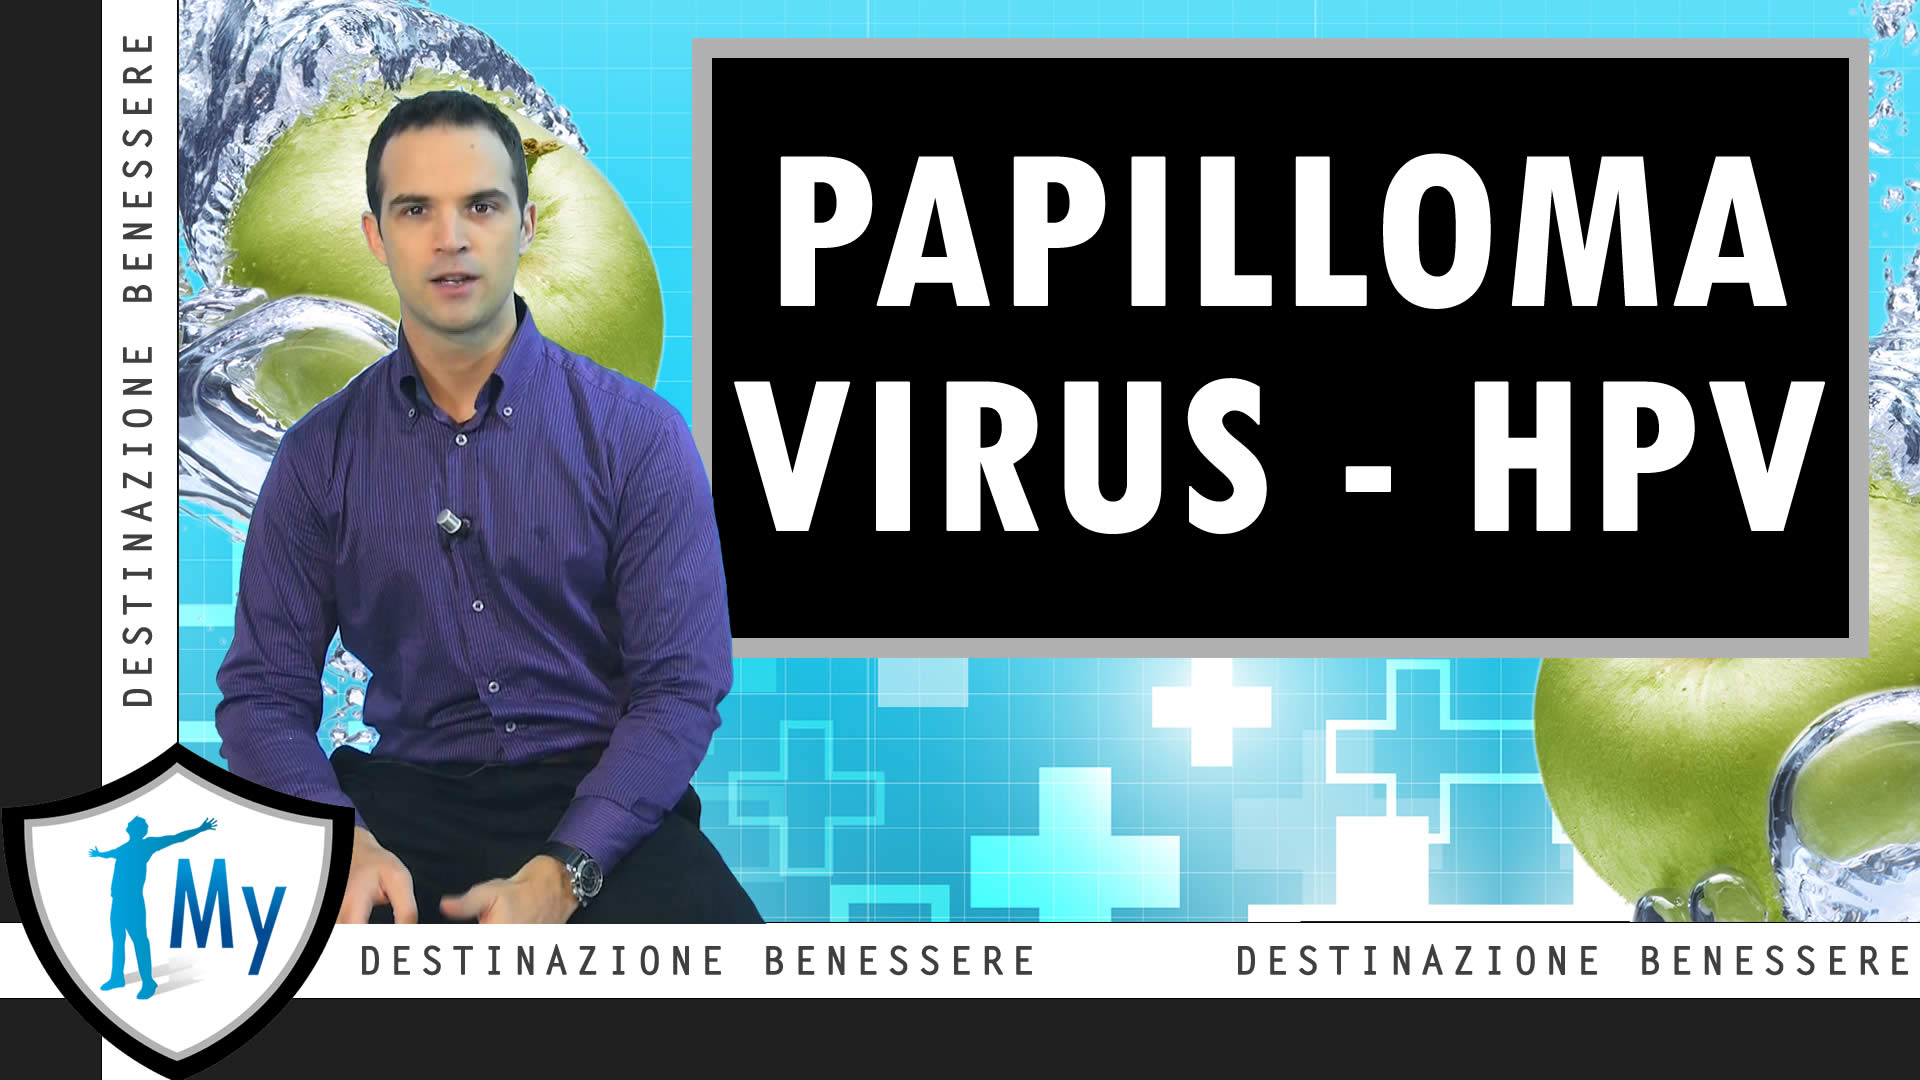 Papilloma virus genotipi ad alto rischio - coboramlaprima.ro